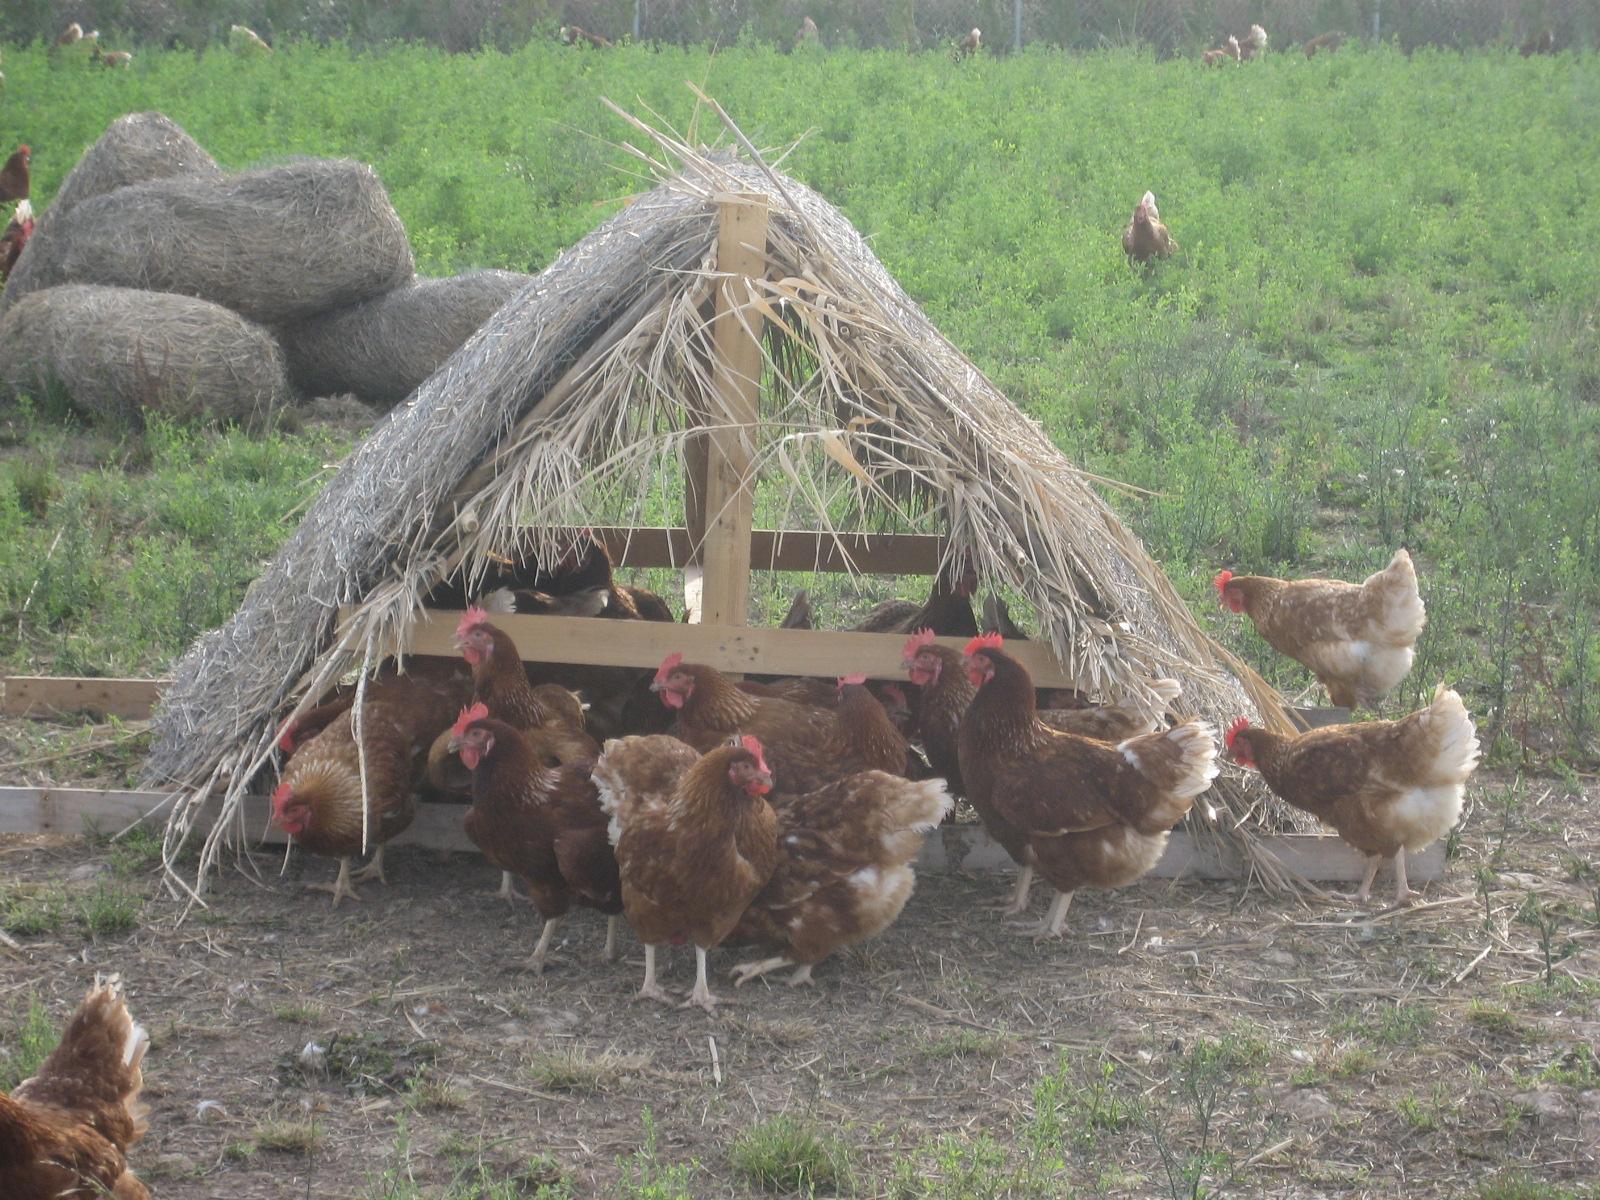 Refugios Granjas De Gallinas Camperas Calidad Agroambiental